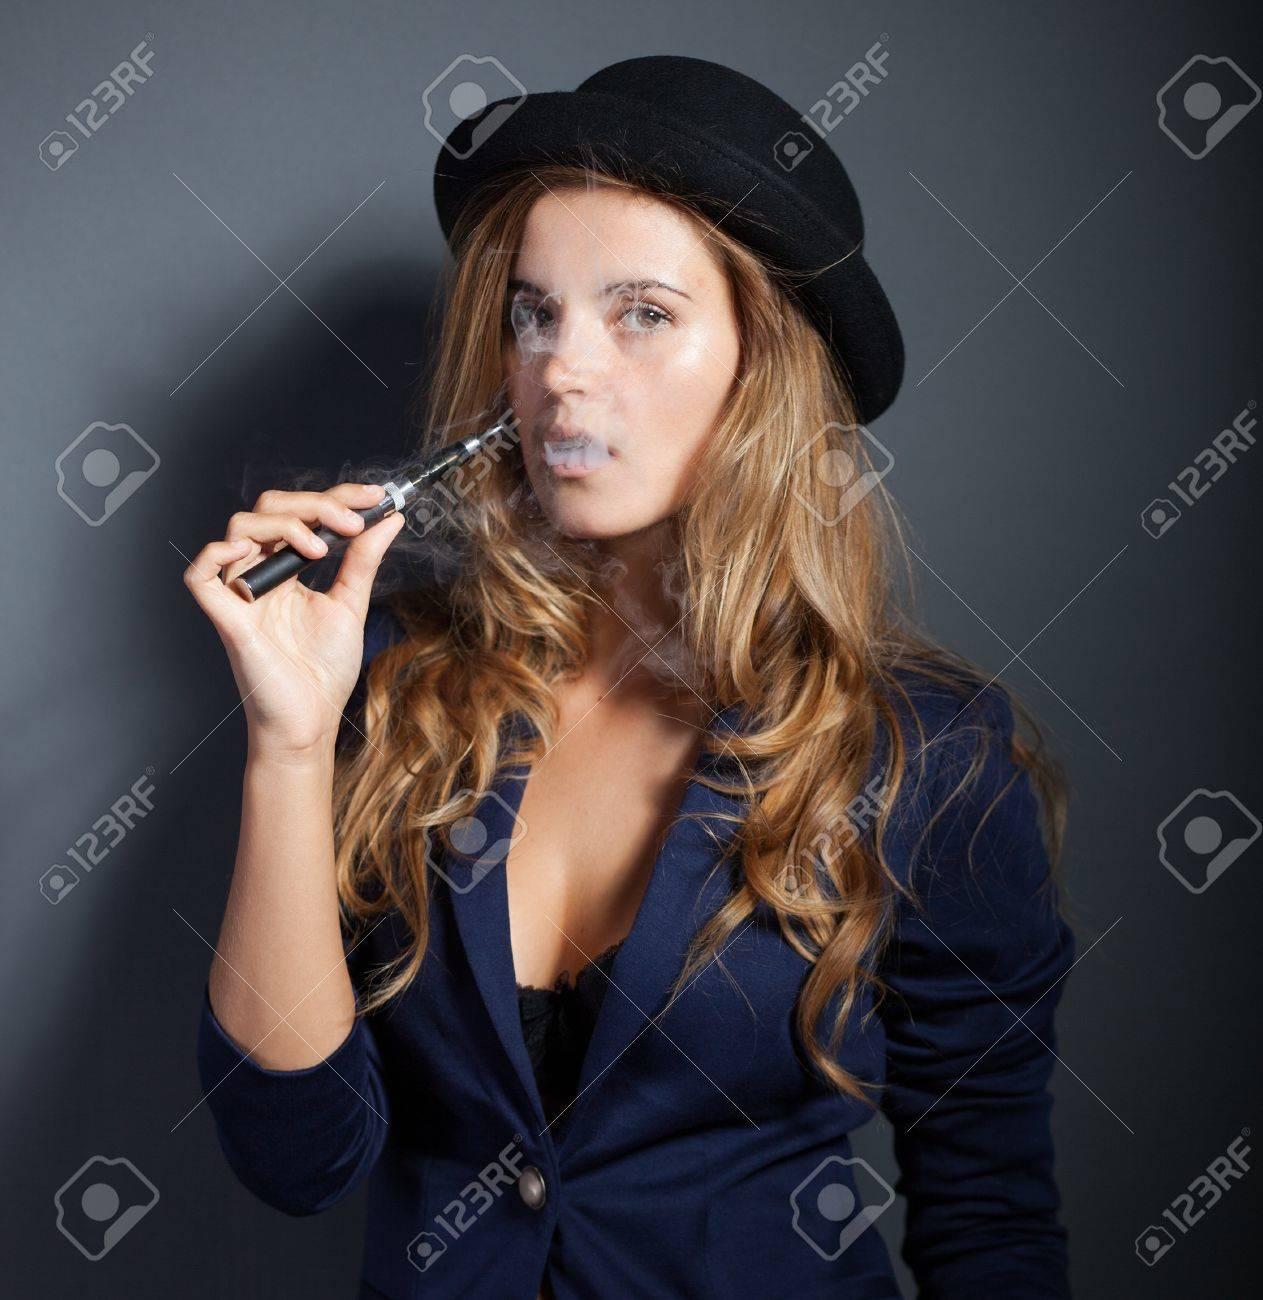 E cigarette liquid stock